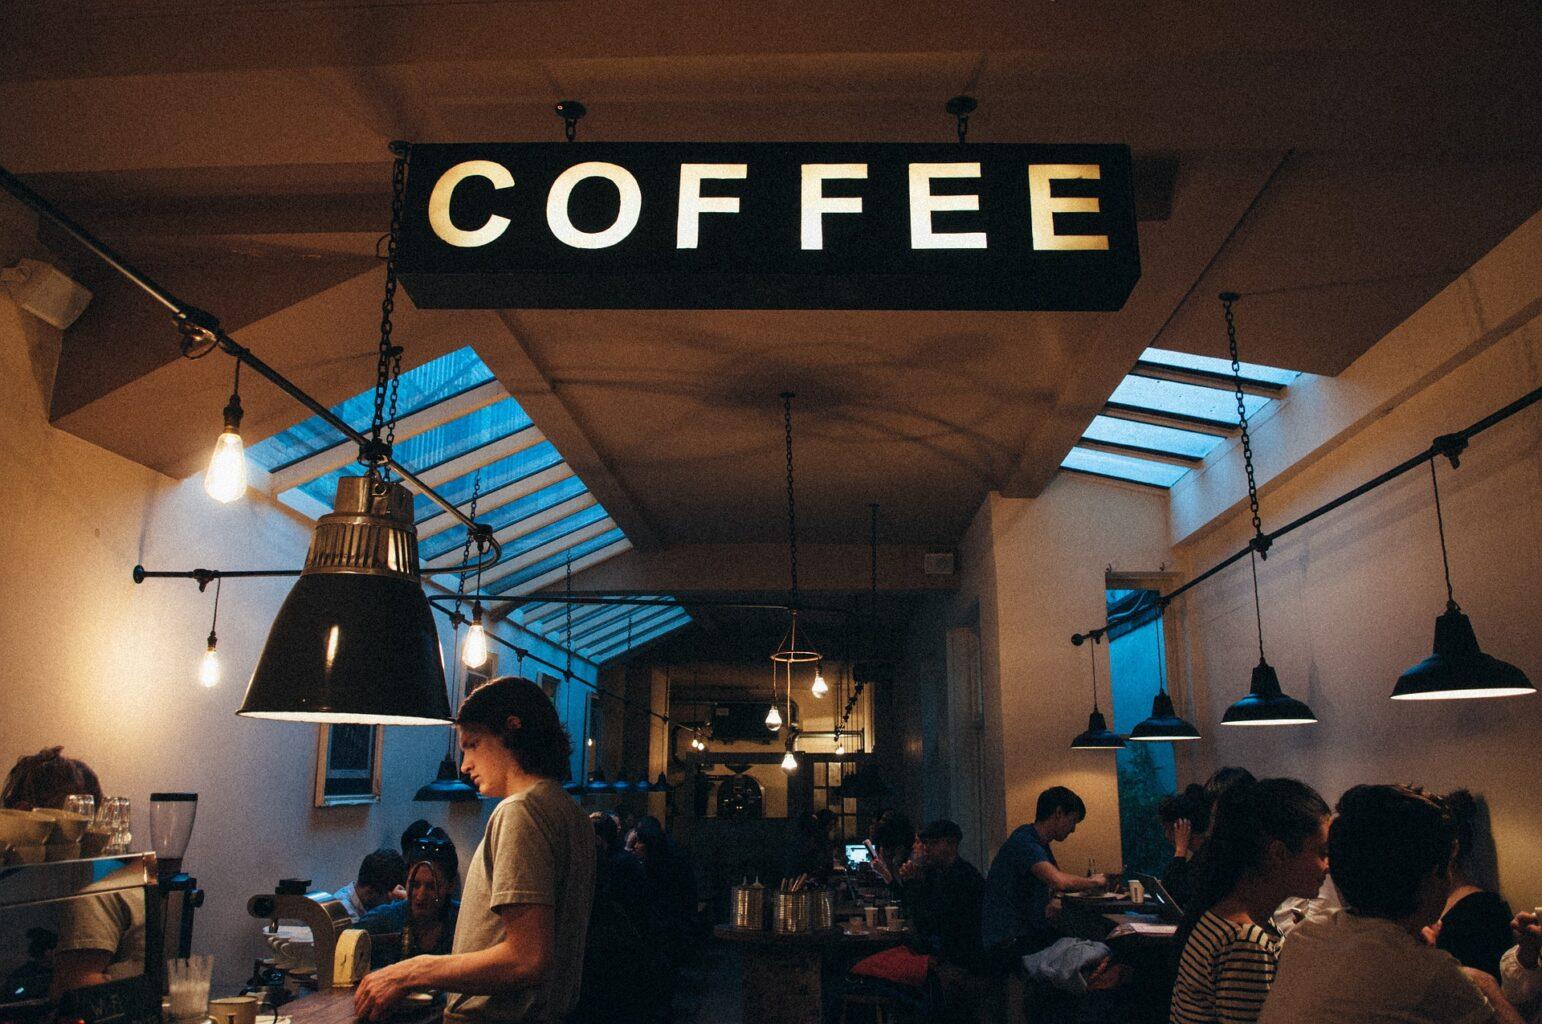 PMEs: o que são as pequenas e médias empresas e qual é a sua importância?